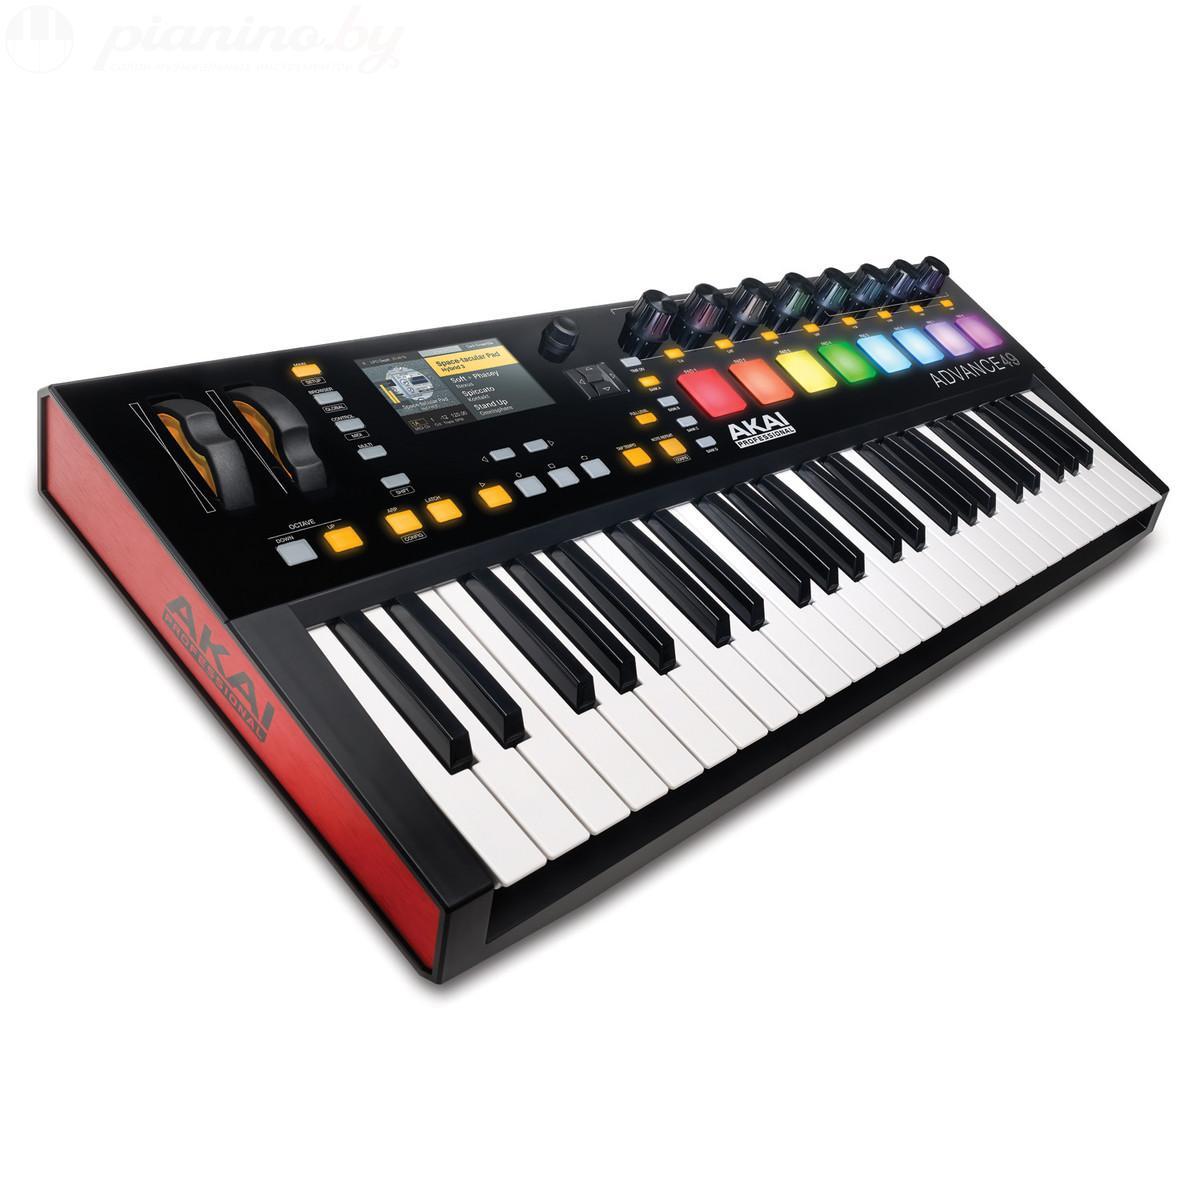 Midi-клавиатура 49 клавиш